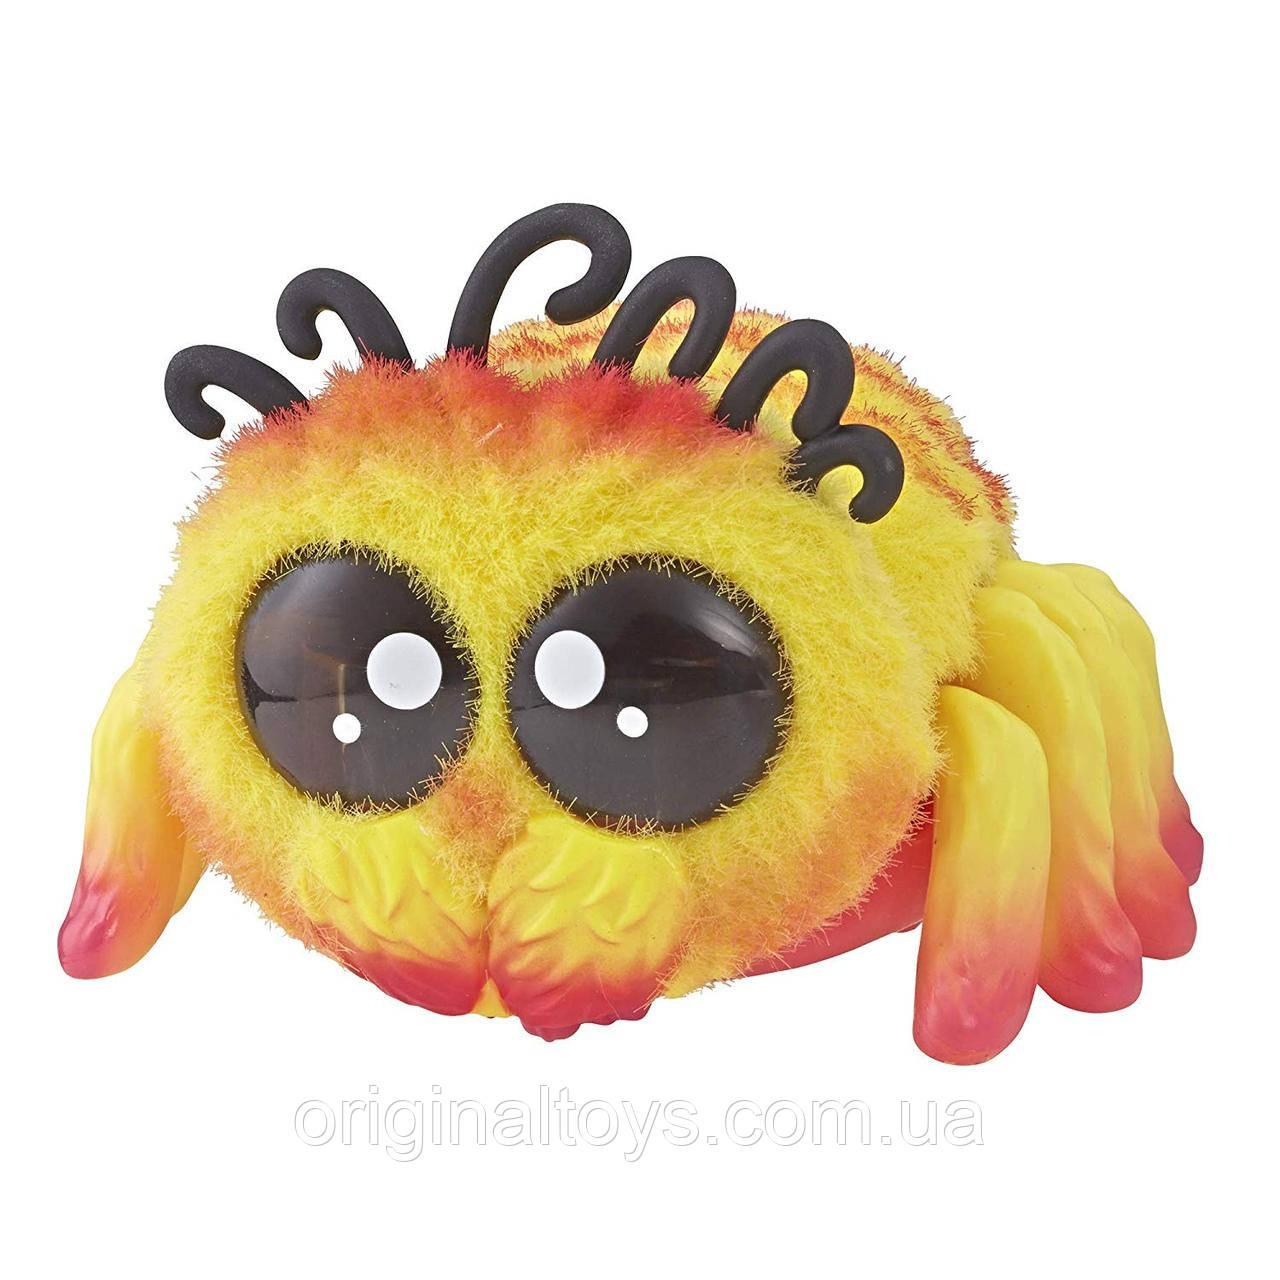 Інтерактивний павучок Yellies Пікс Peeks Hasbro E5381